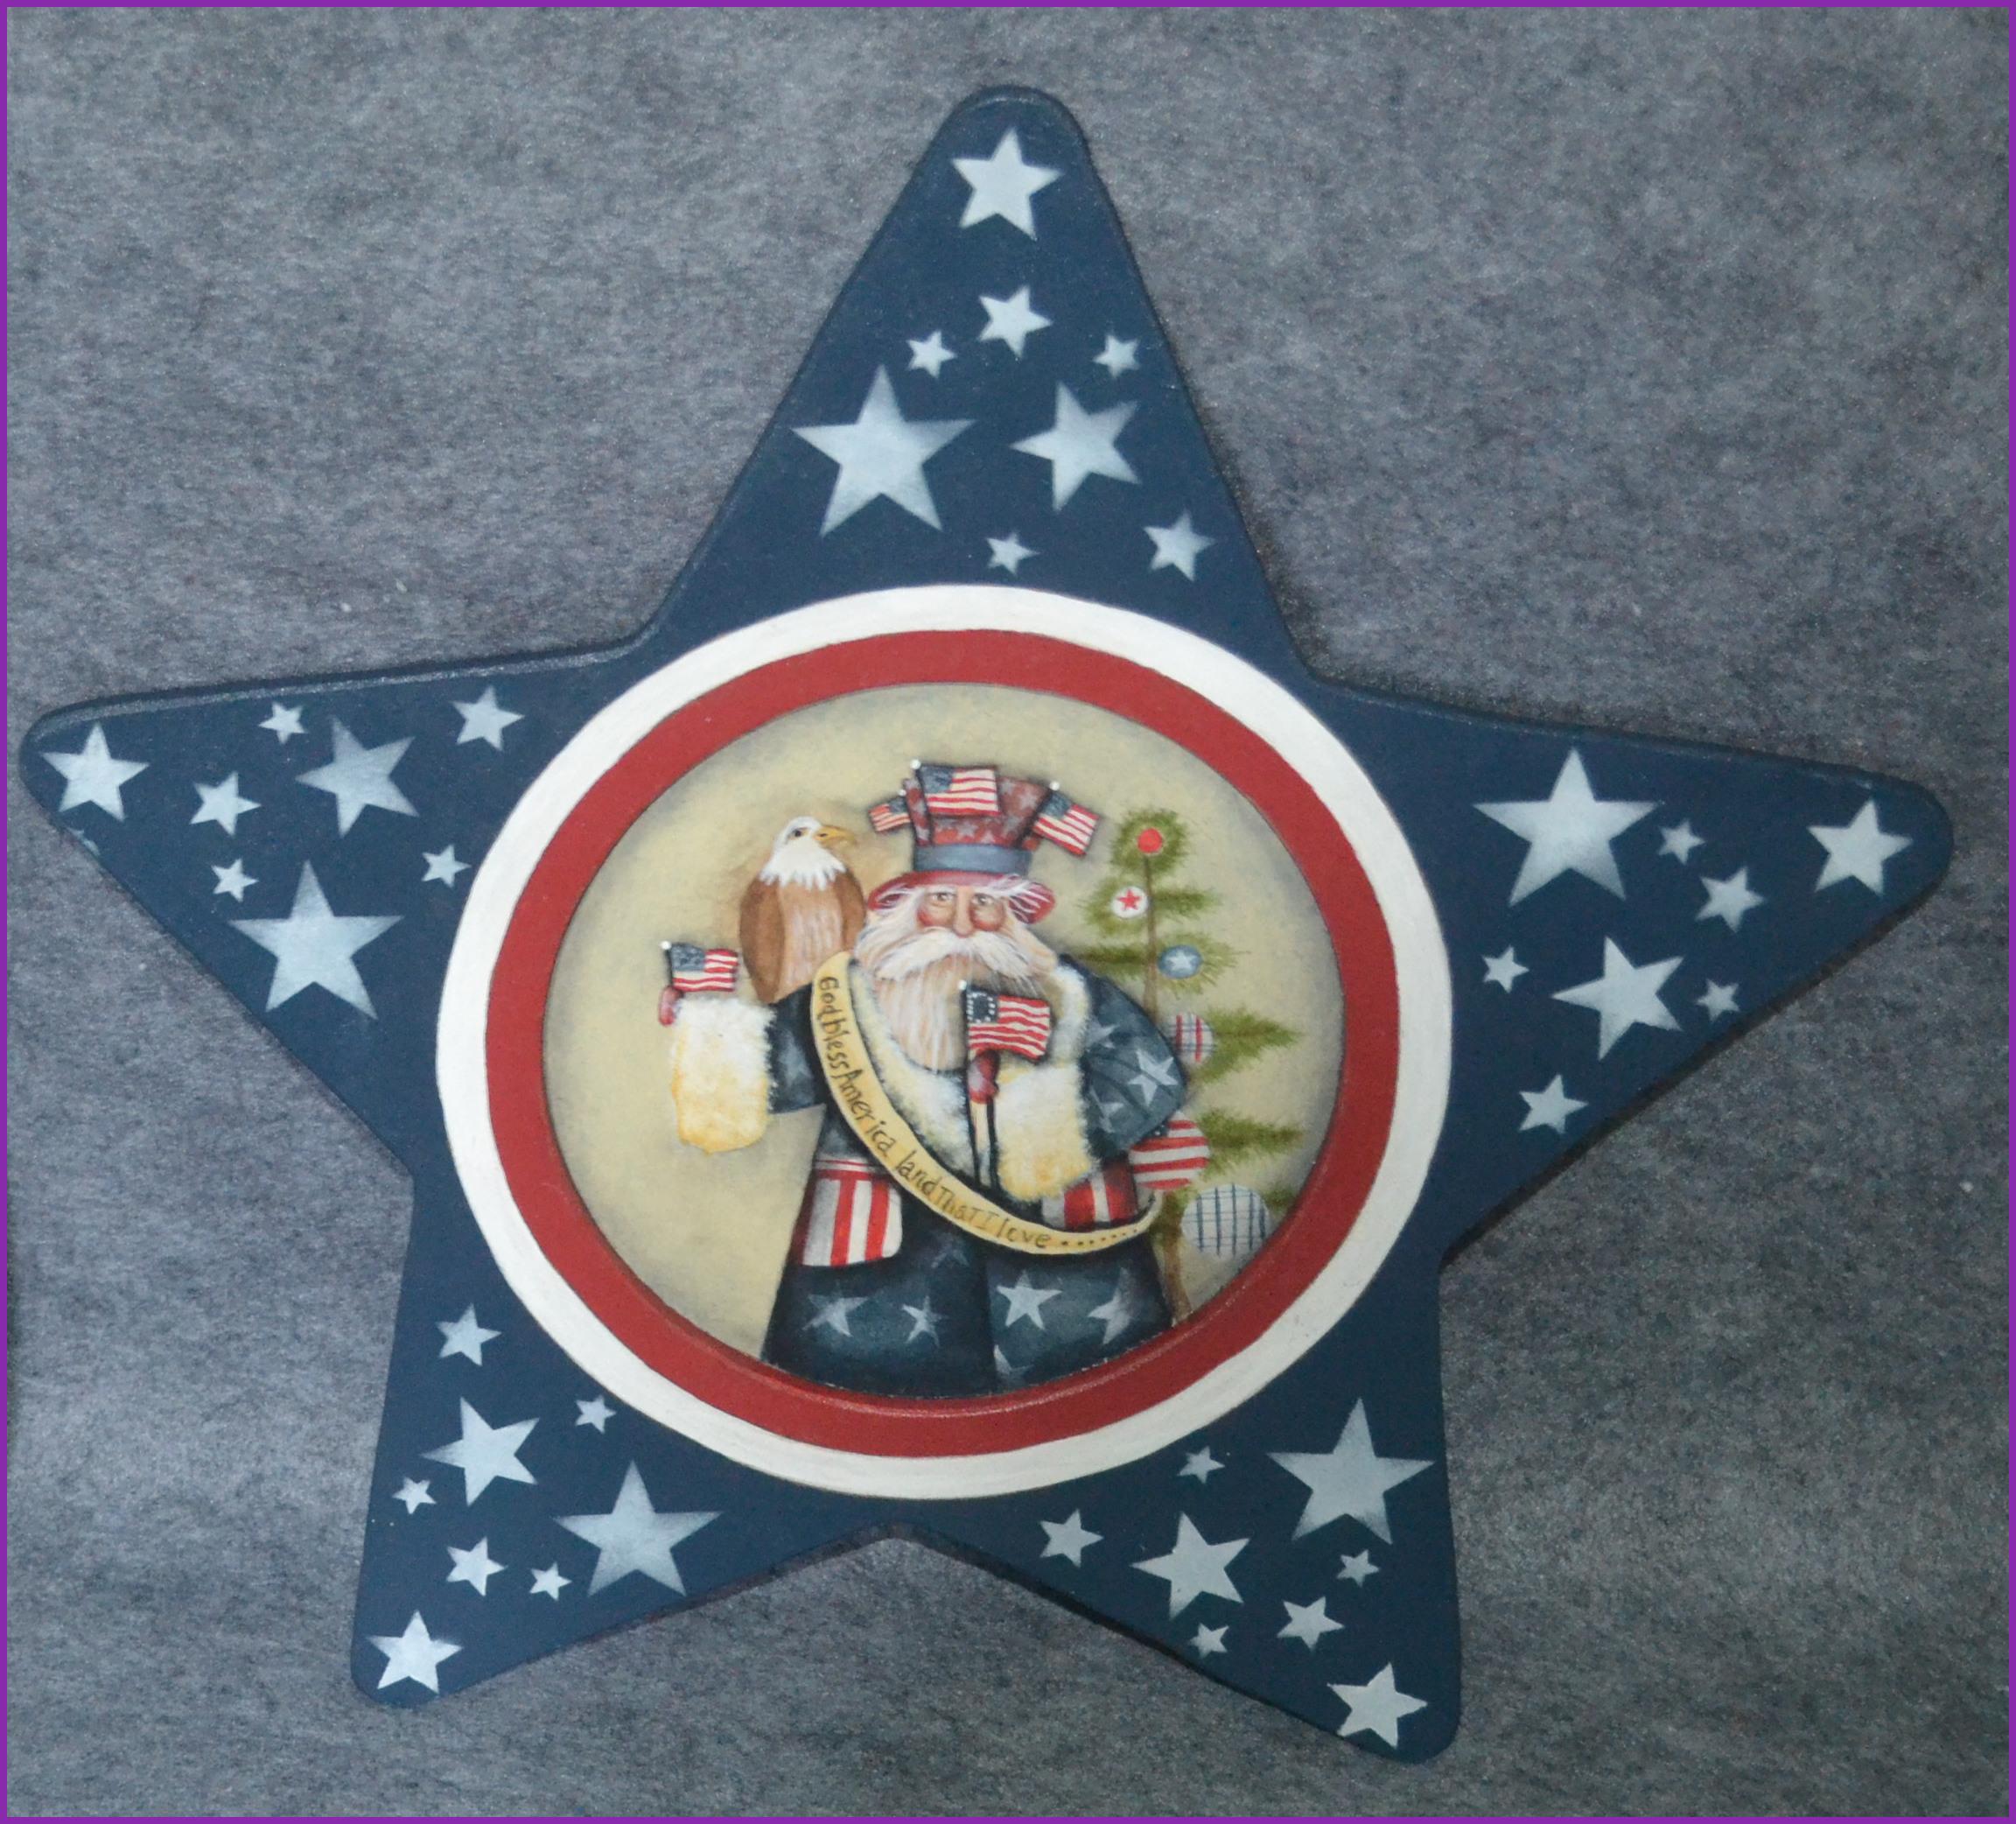 wood-star-plate-snta-alynn-andrews-.jpg